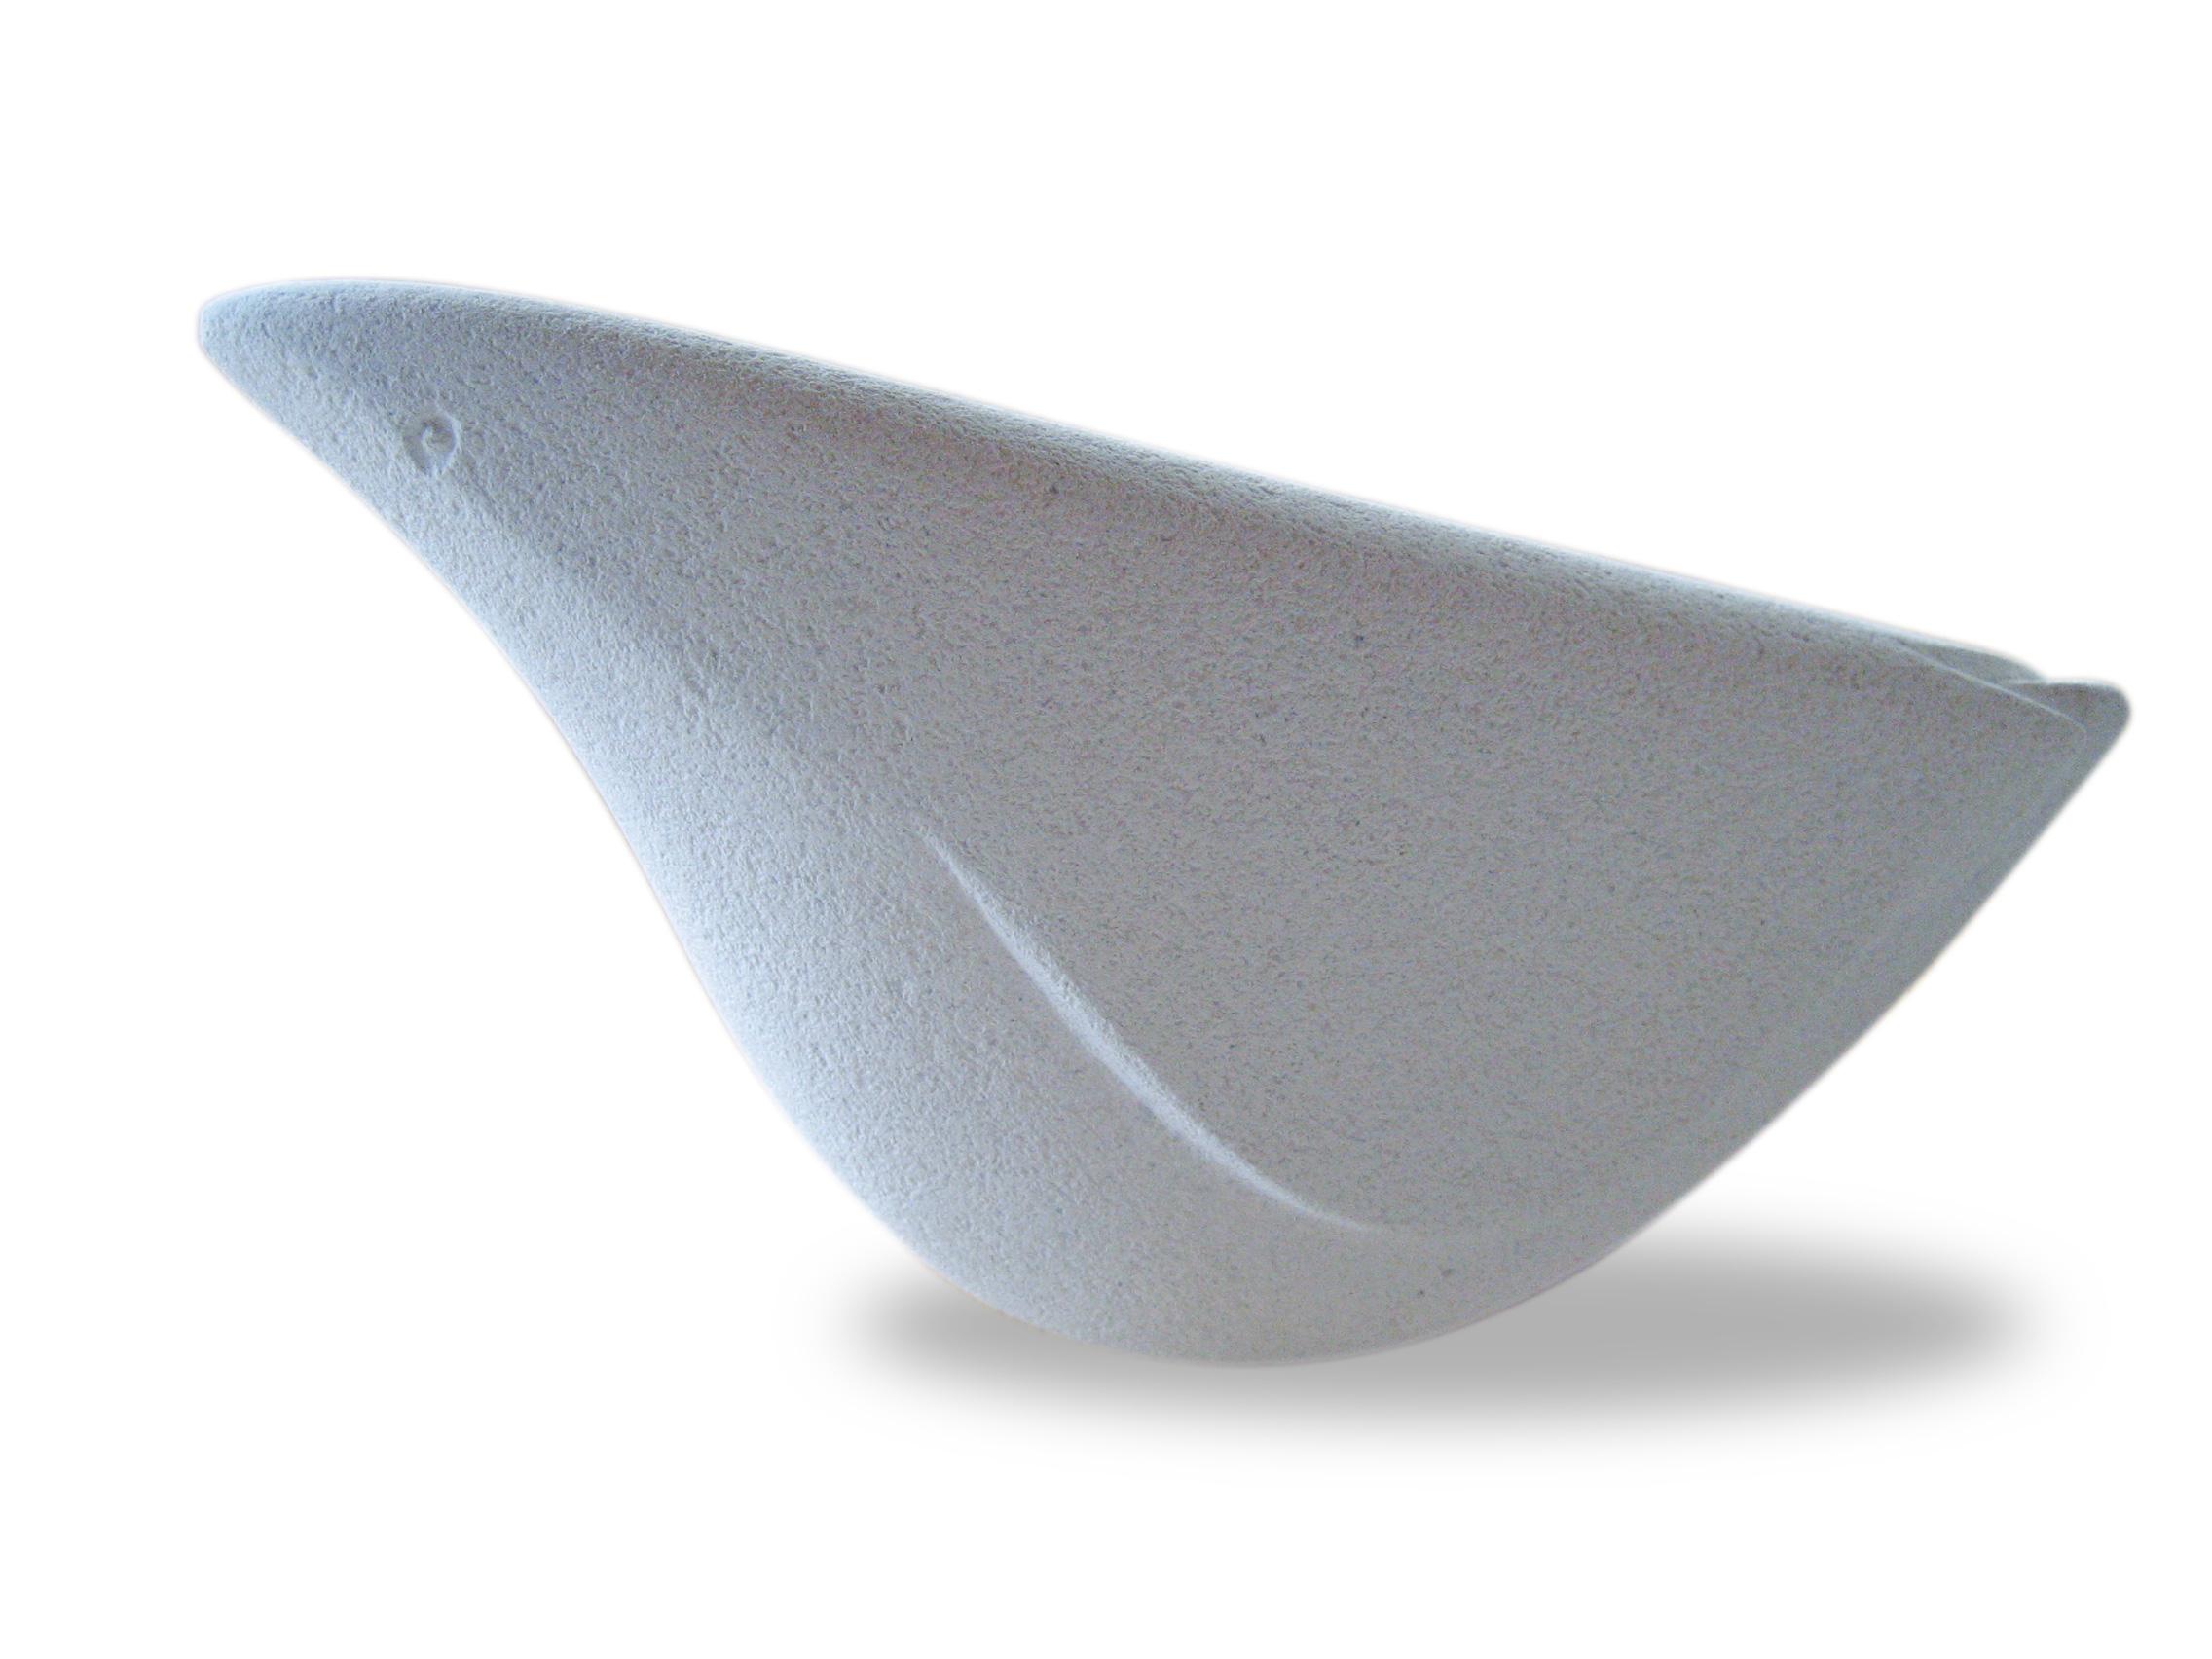 Manu Iti - Oamaru Stone